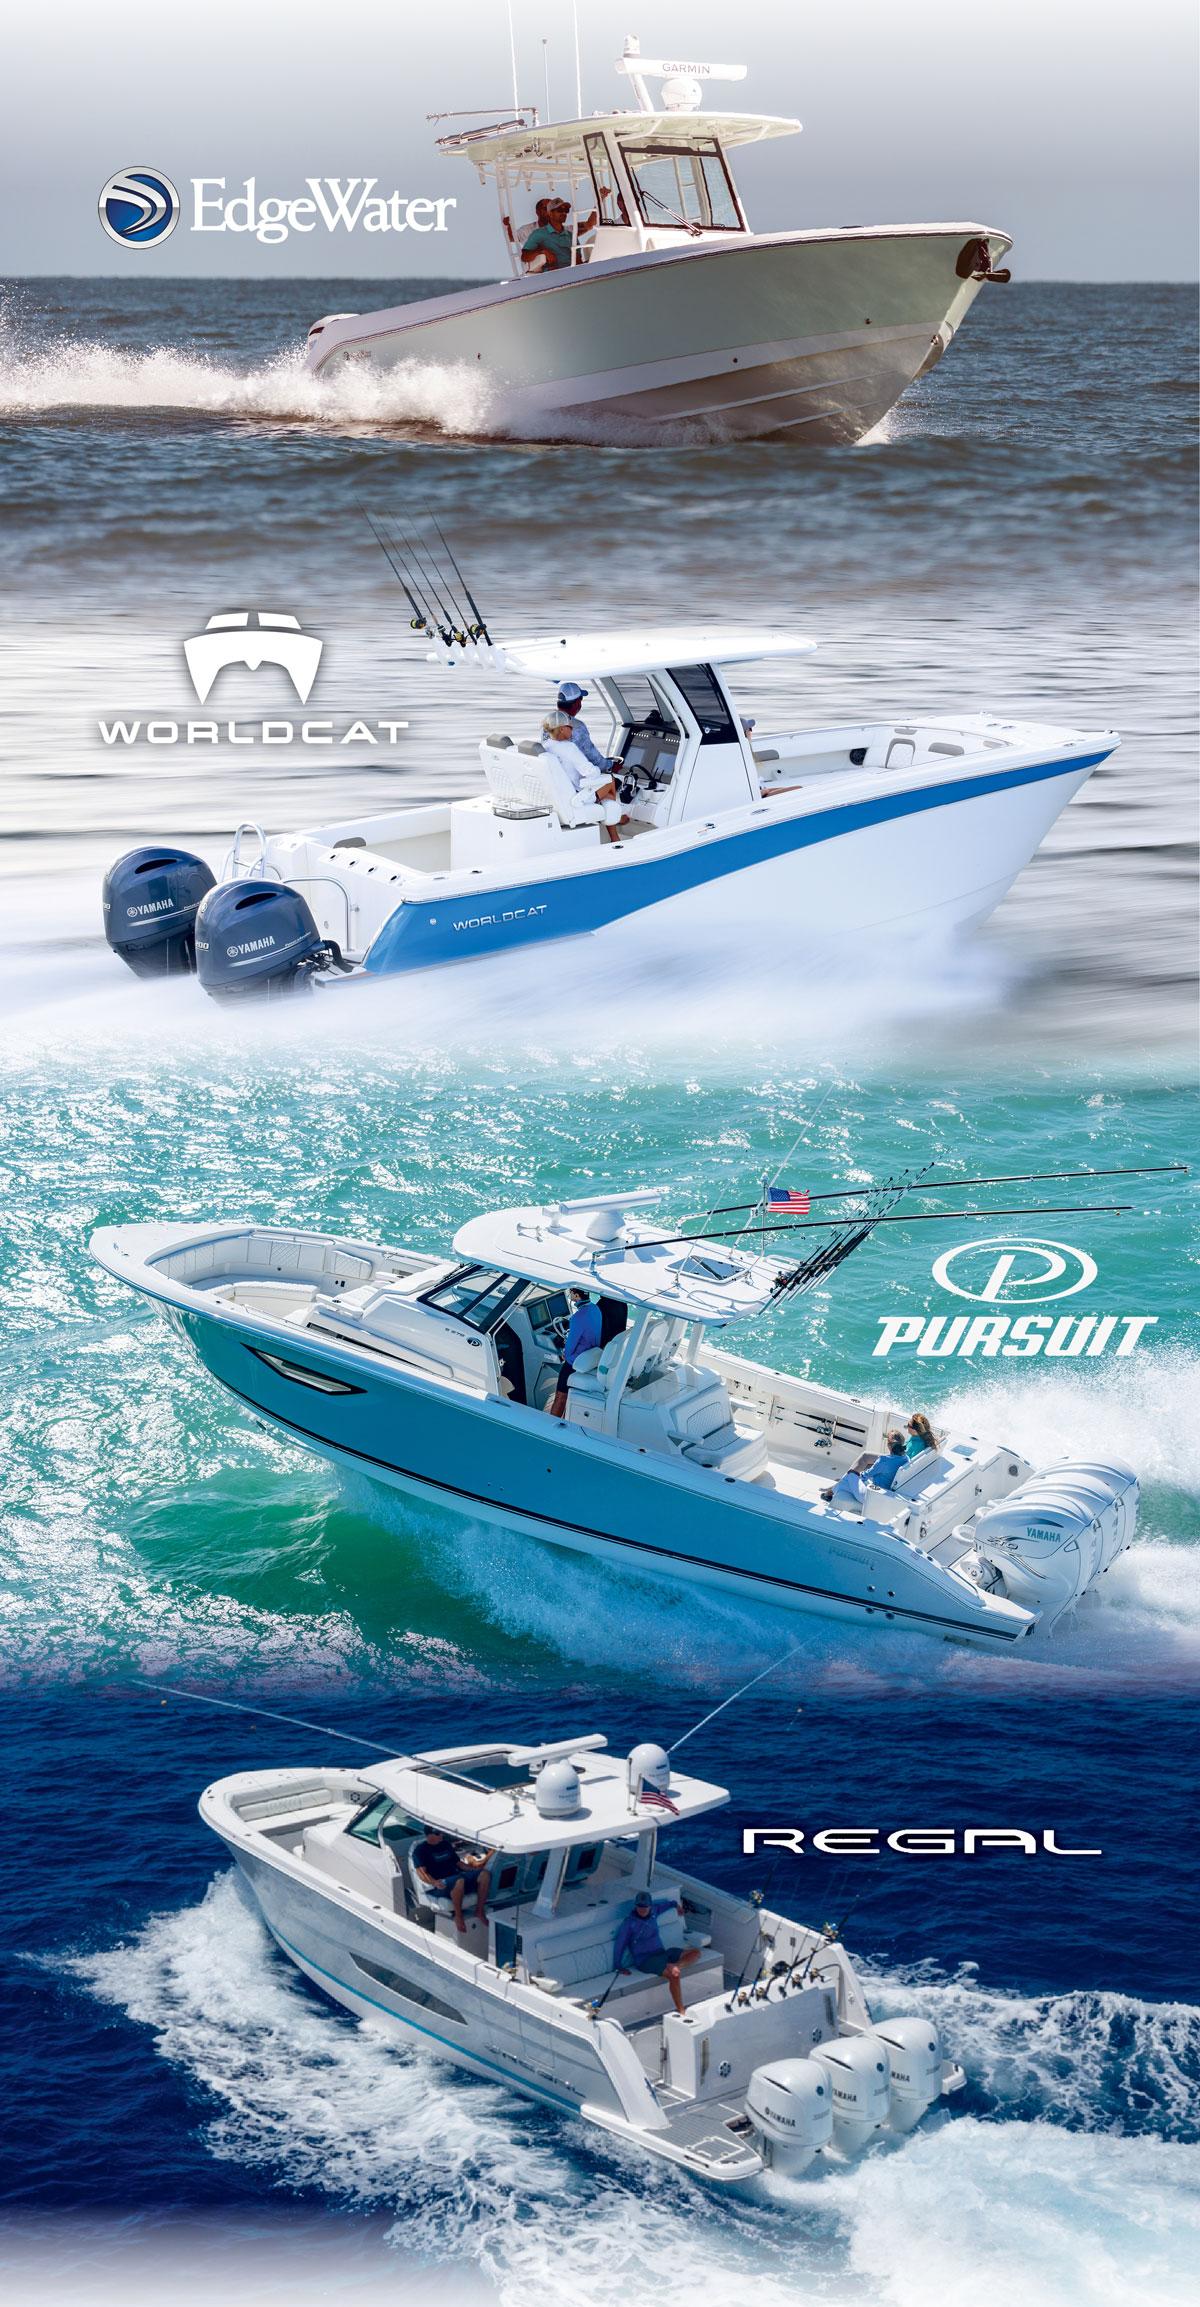 Bosun's boat makes